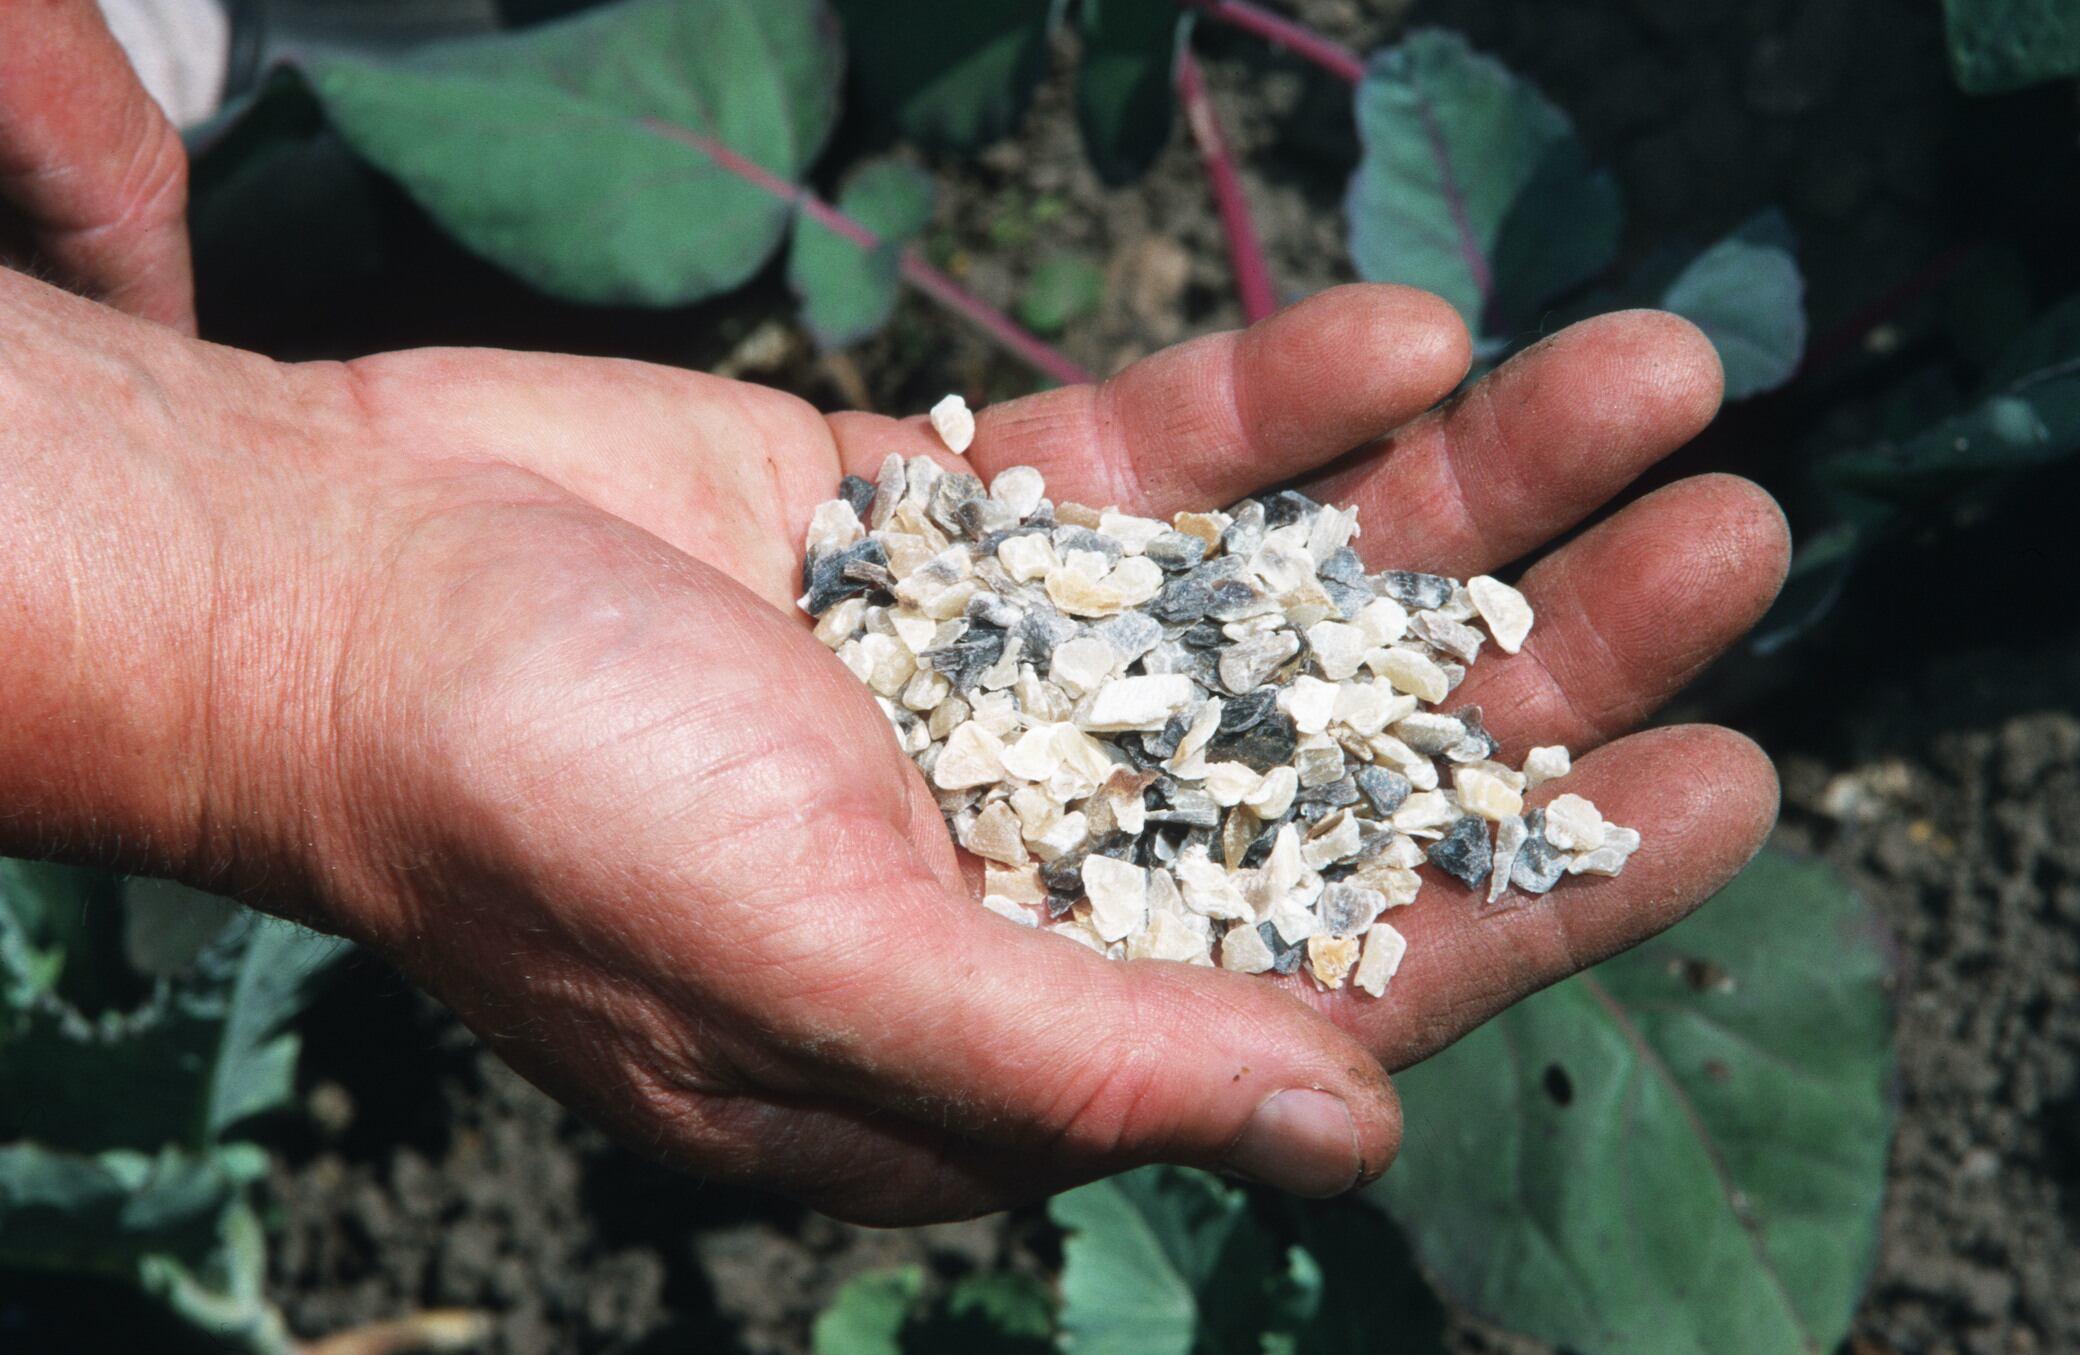 Hornspäne – die nachhaltigere Alternative zu Mineraldünger?